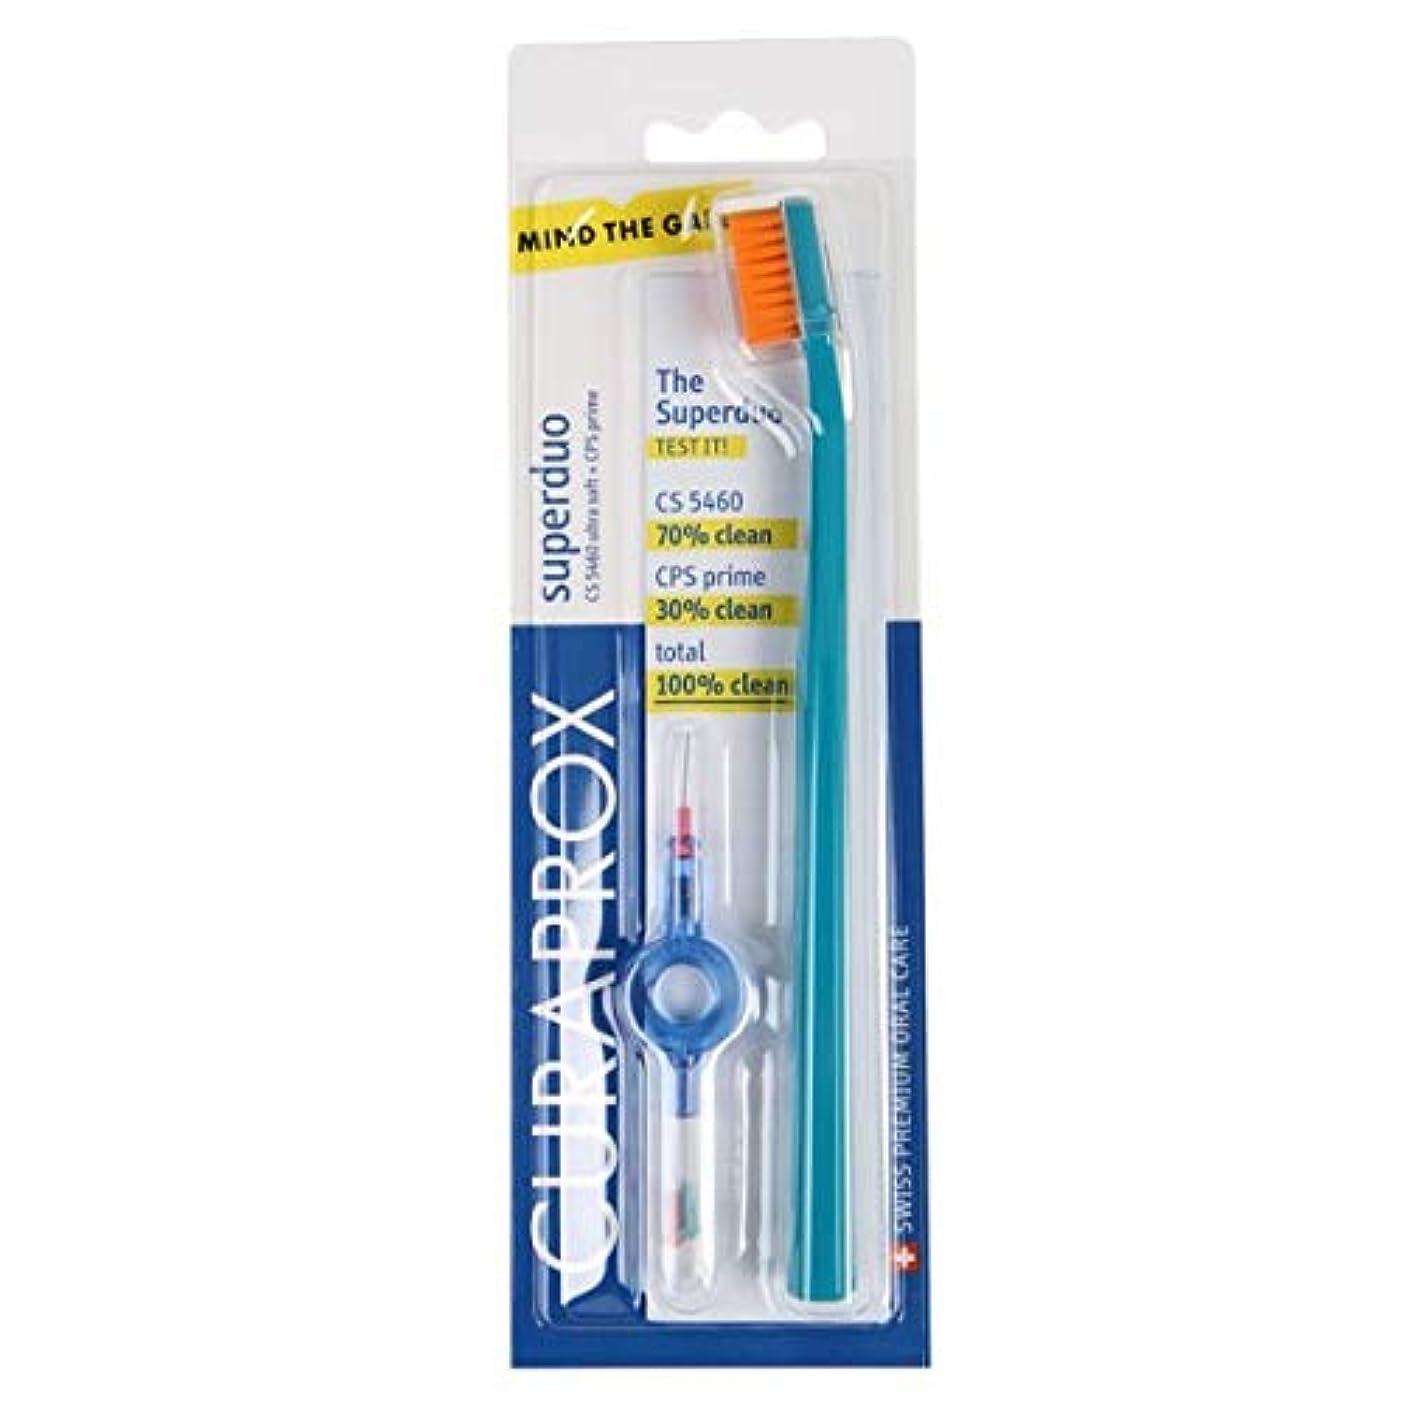 複製する義務疼痛クラプロックス 歯ブラシ+歯間ブラシ セット CS 5460 + CPS 06/07/08, UHS 409 holder + cap